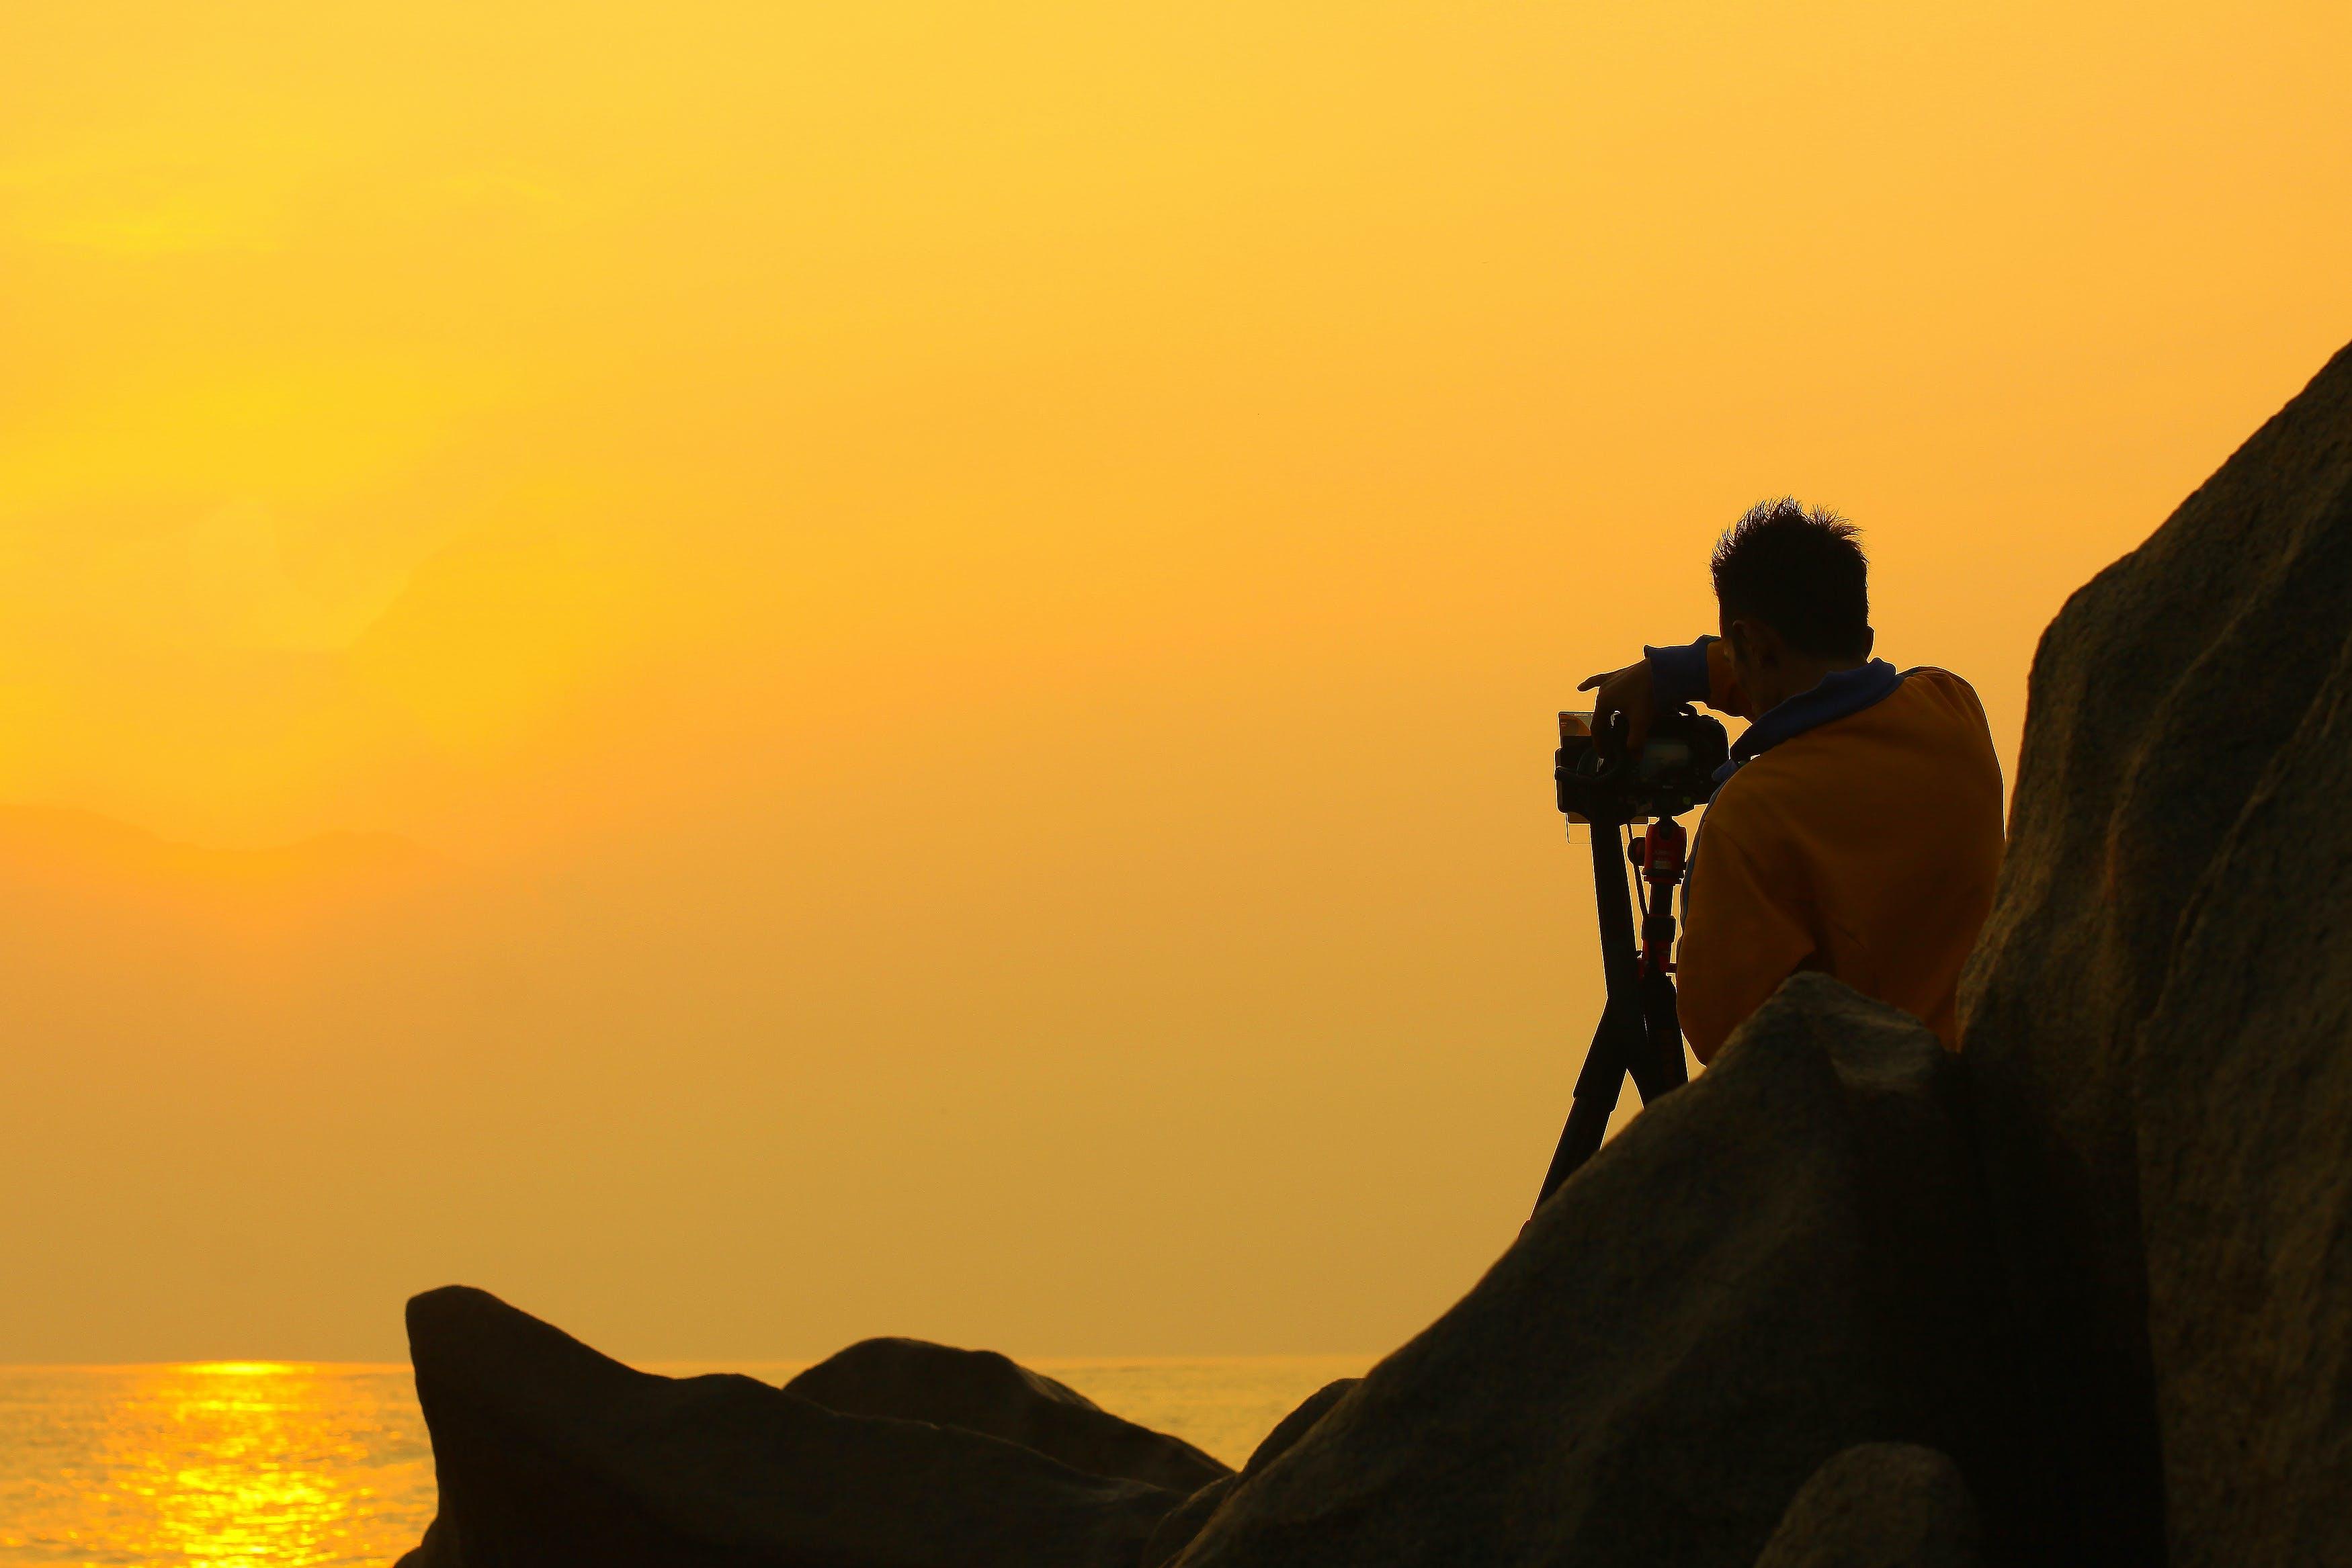 Kostnadsfri bild av äventyr, bakgrundsbelyst, fotograf, gryning